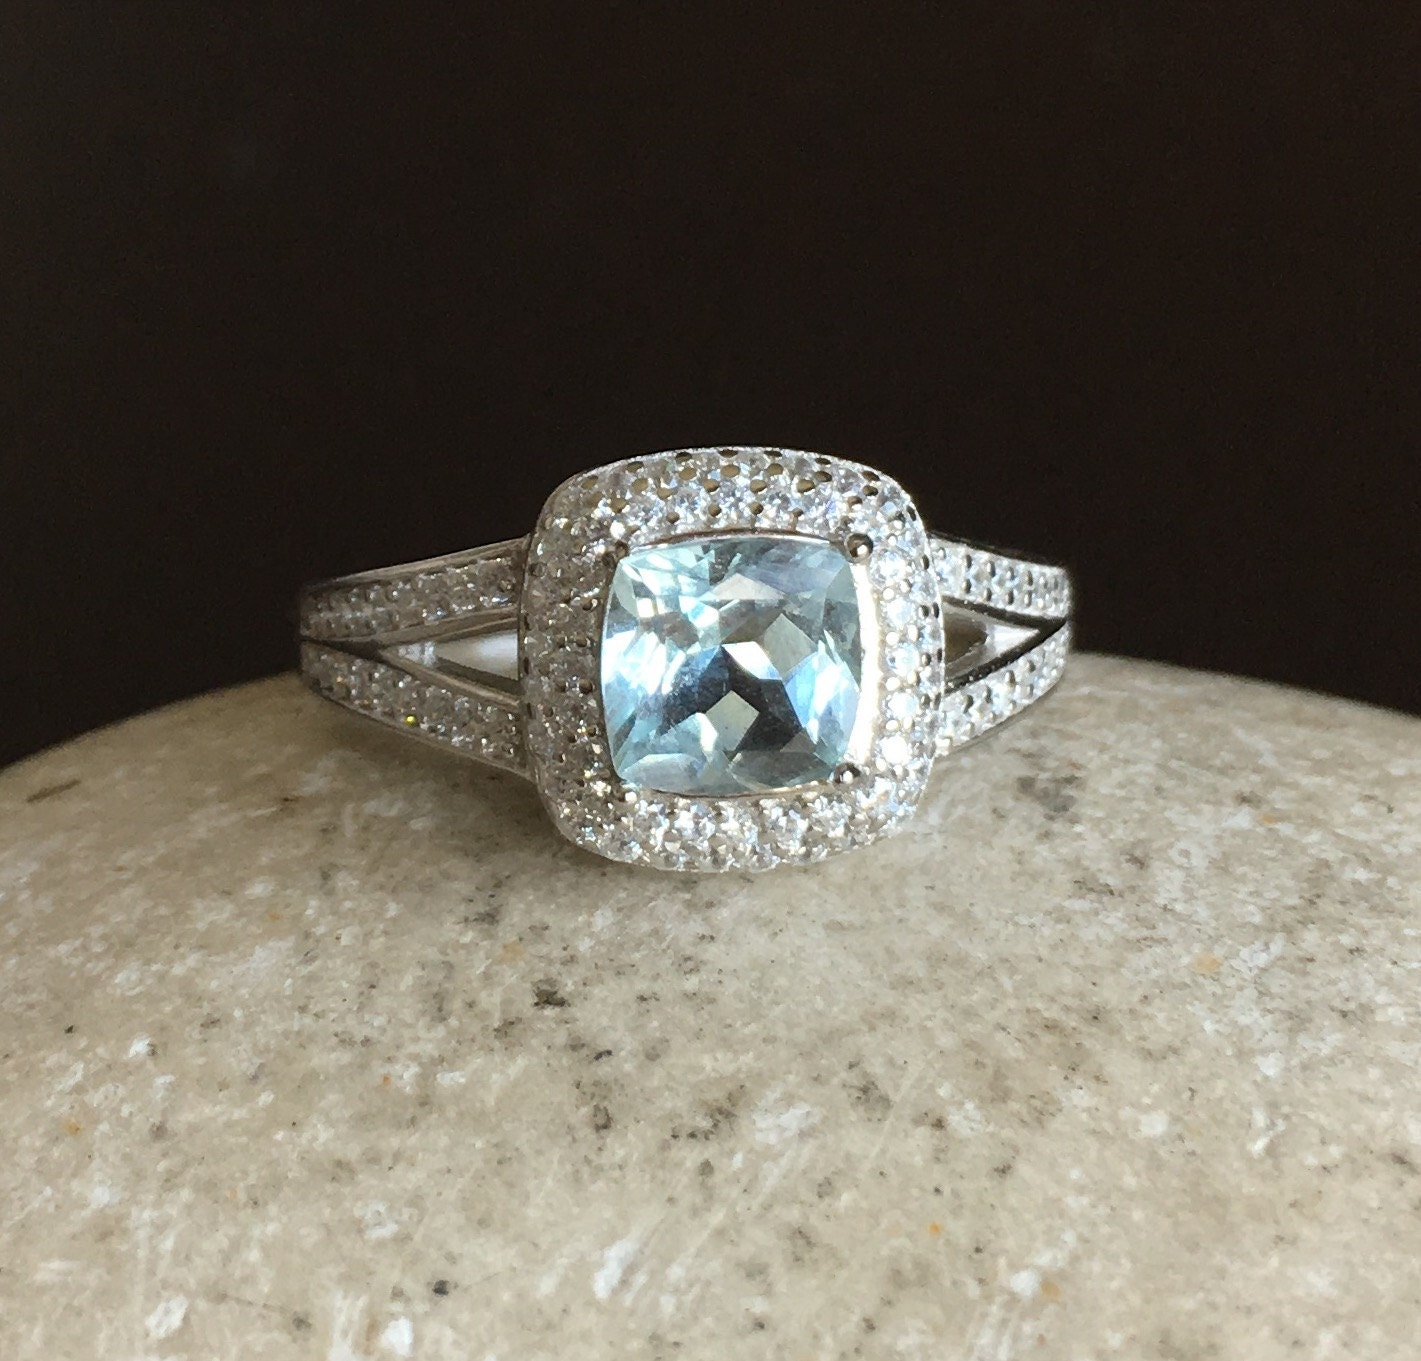 aquamarine engagement ring promise ring for aquamarine